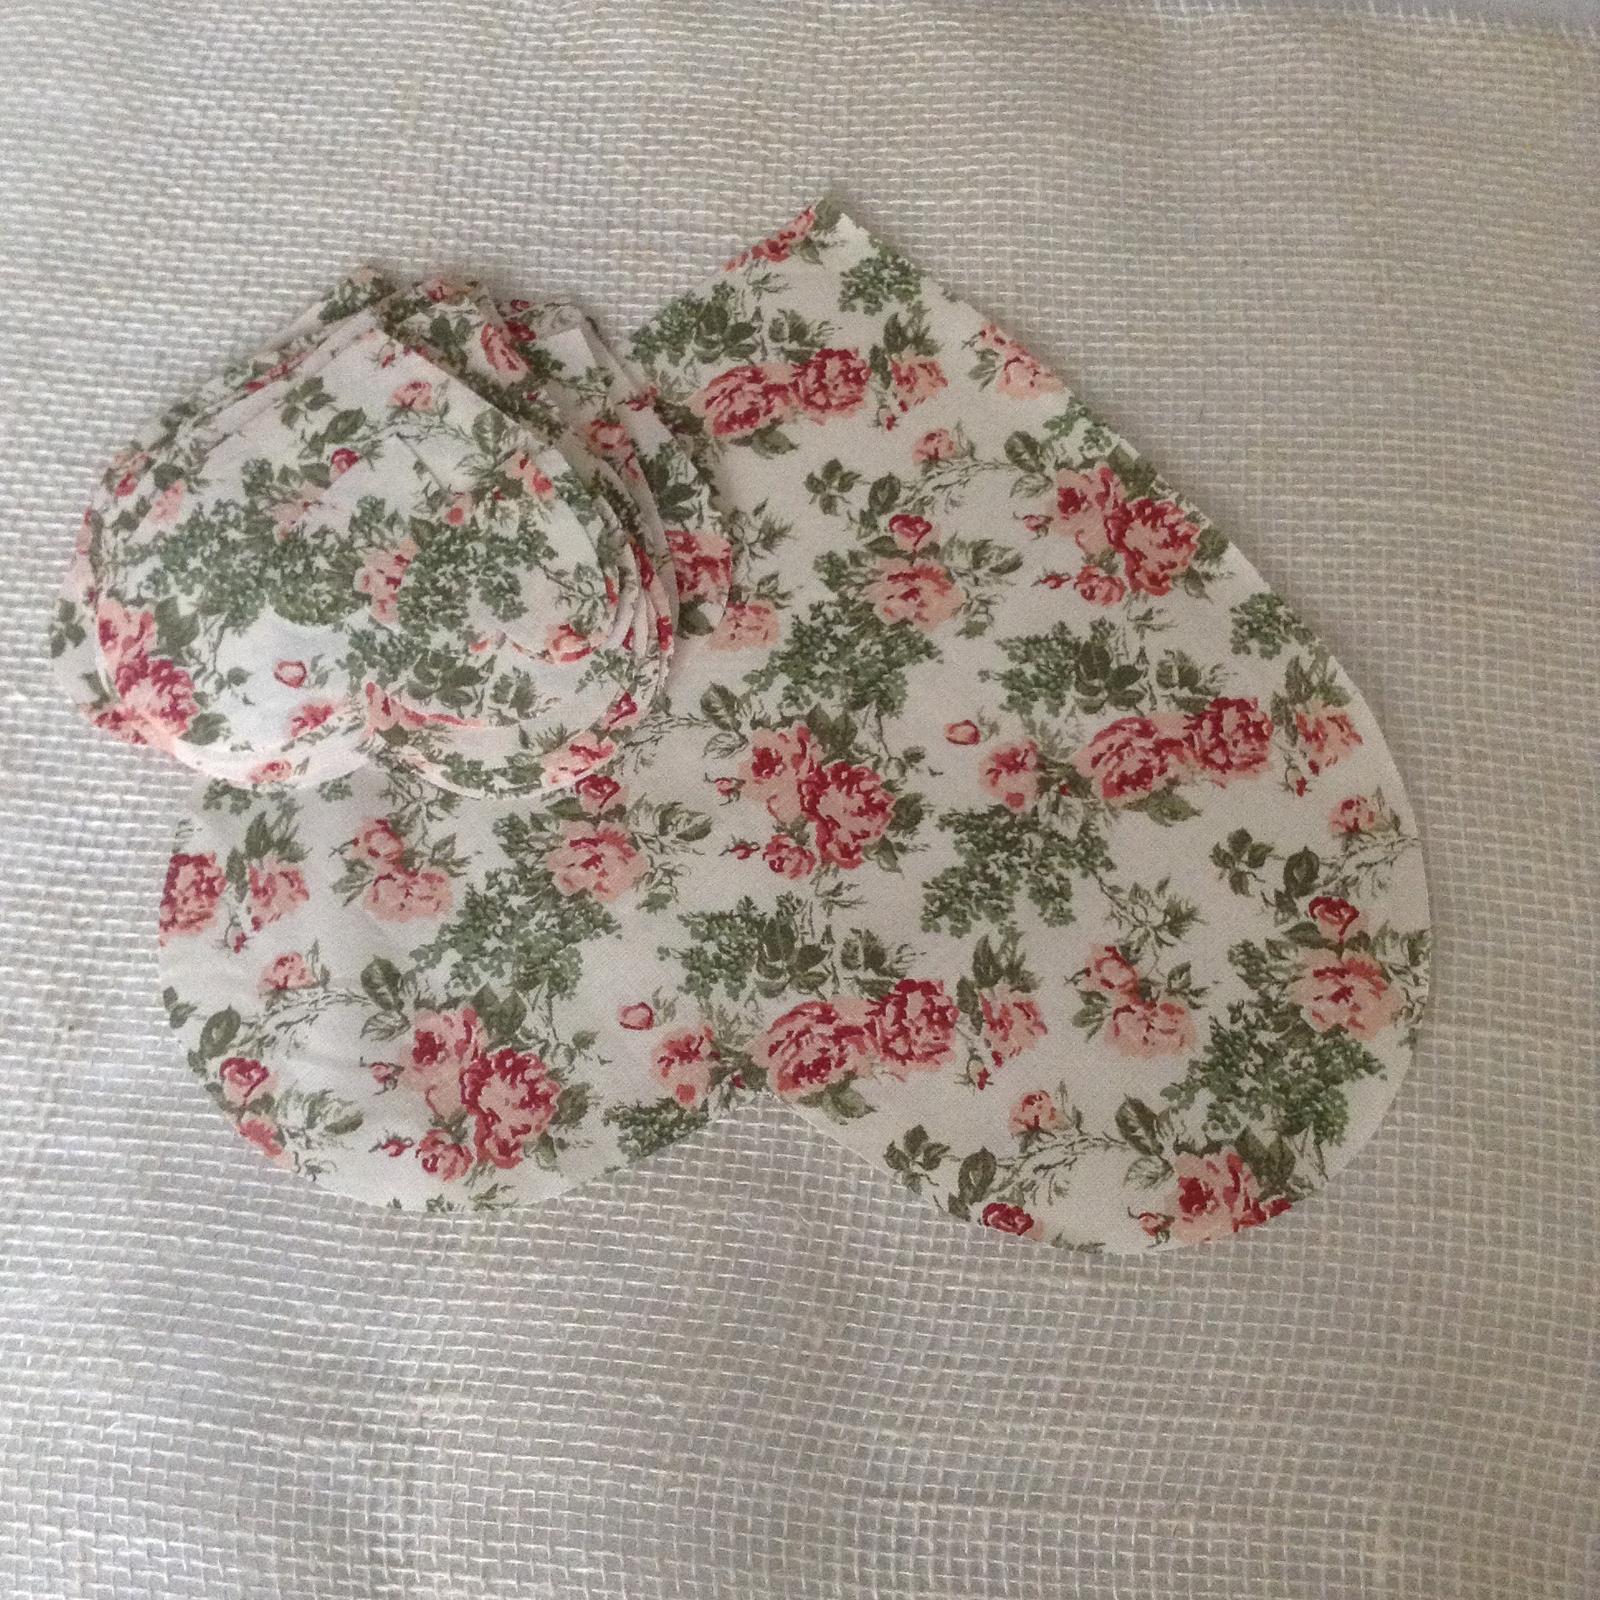 Kvetinkové srdiečka - Obrázok č. 1